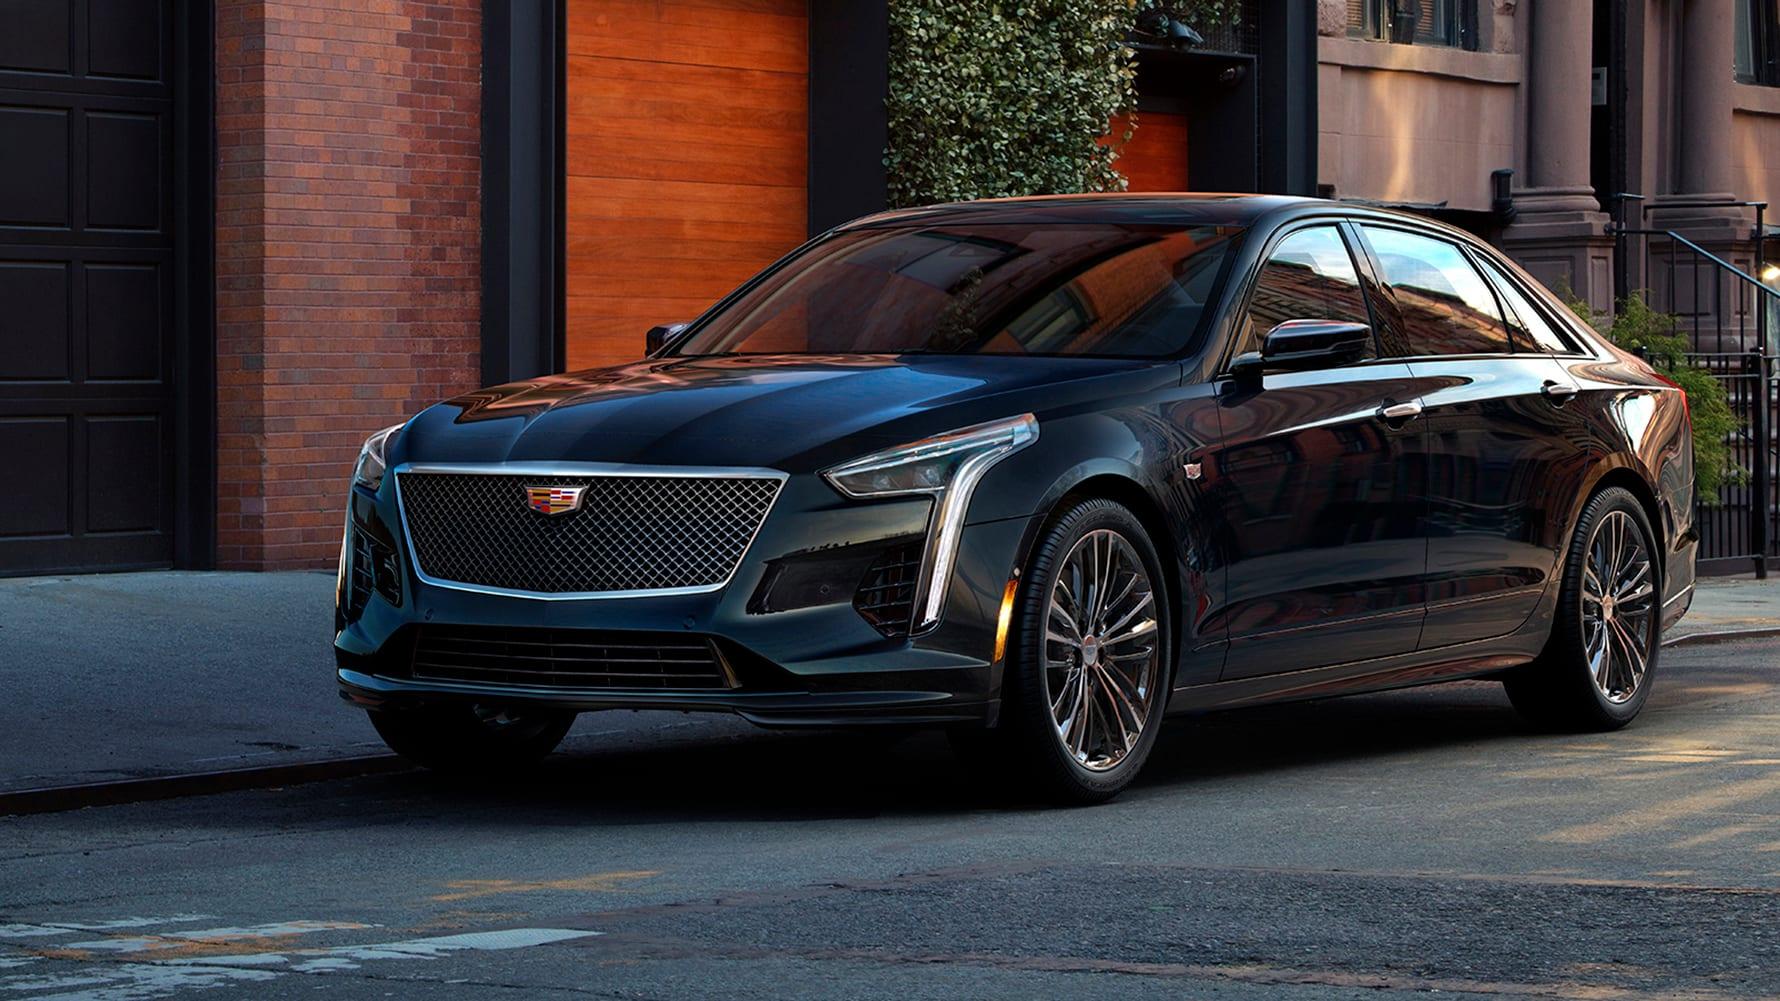 2019 Cadillac CT6 V-Sport debuts twin-turbo V8 | CarAdvice